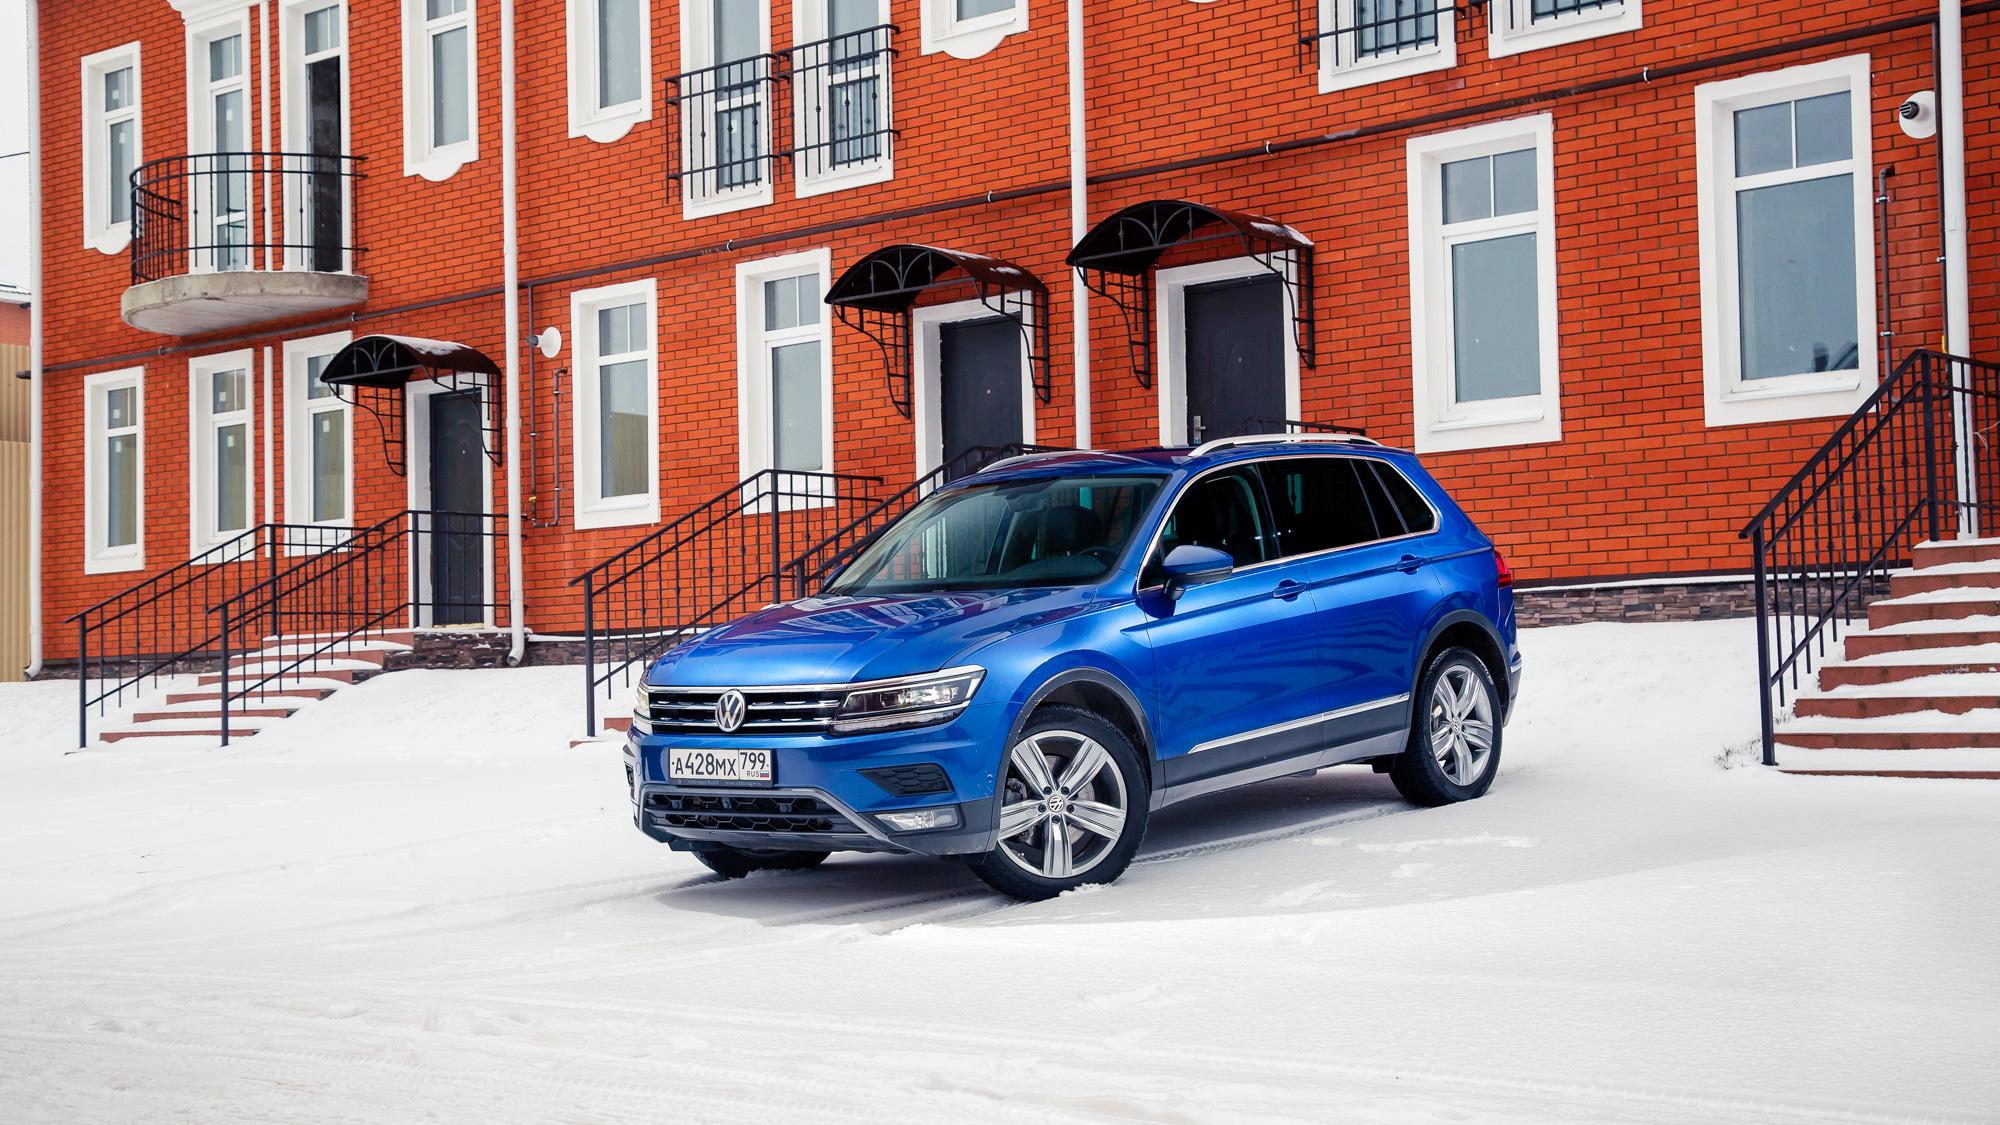 Volkswagen TiguanНе считаться с лидером класса невозможно. У Тигуана одна из богатейших в сегменте моторных гамм, хотя она состоит только из «любимых» россиянами турбомоторов. Но, глядя на показатели продаж, кавычки, кажется, можно уже и убрать. Кроссовер VW — самый динамичный и самый азартный в классе, у него большой багажник и отличное оснащение. Разве что он не самый дешёвый: цены начинаются с 1619000 рублей